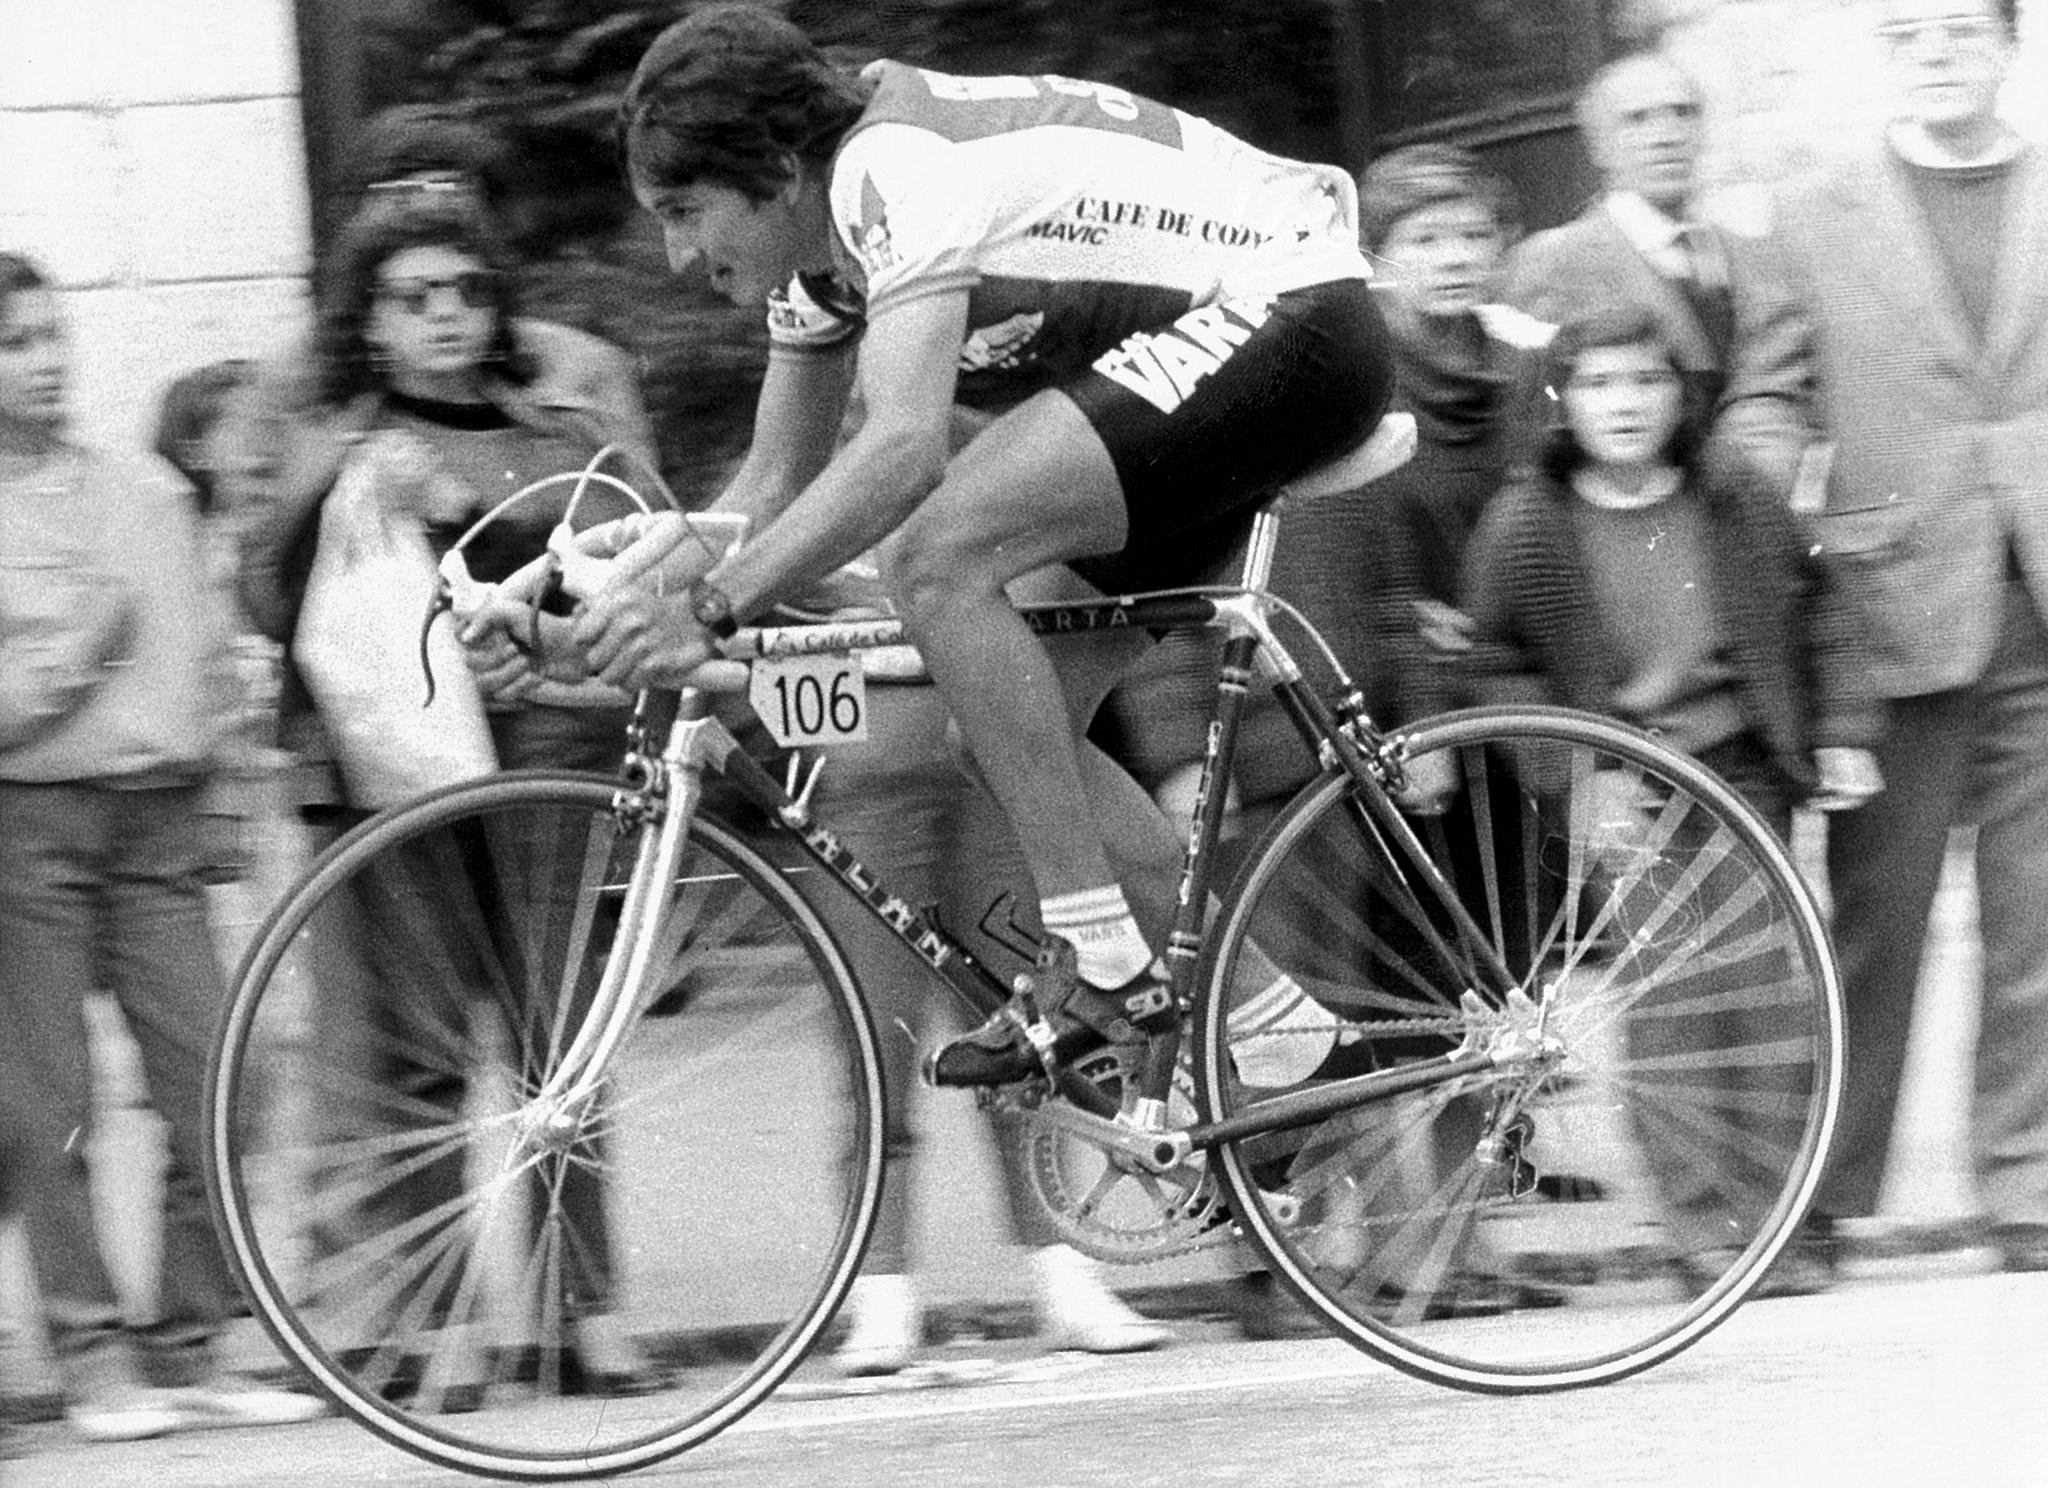 El ciclista colombiano a toda velocidad, con el dorsal 106 en su bici, pasando al lado de los aficionados